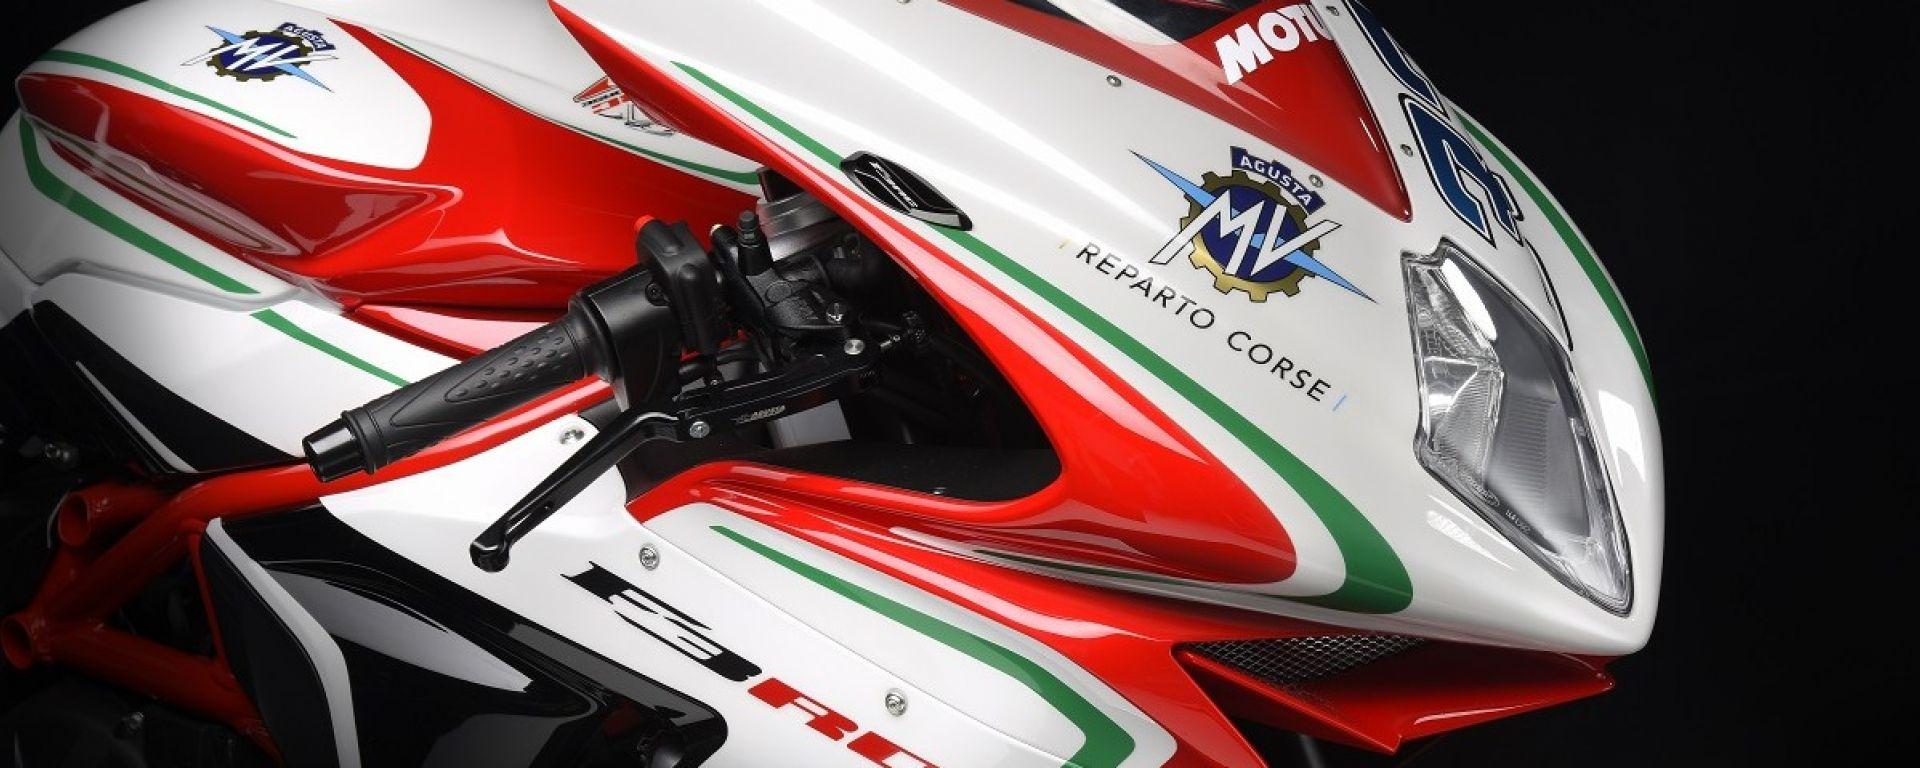 MV Agusta F3 RC 2018